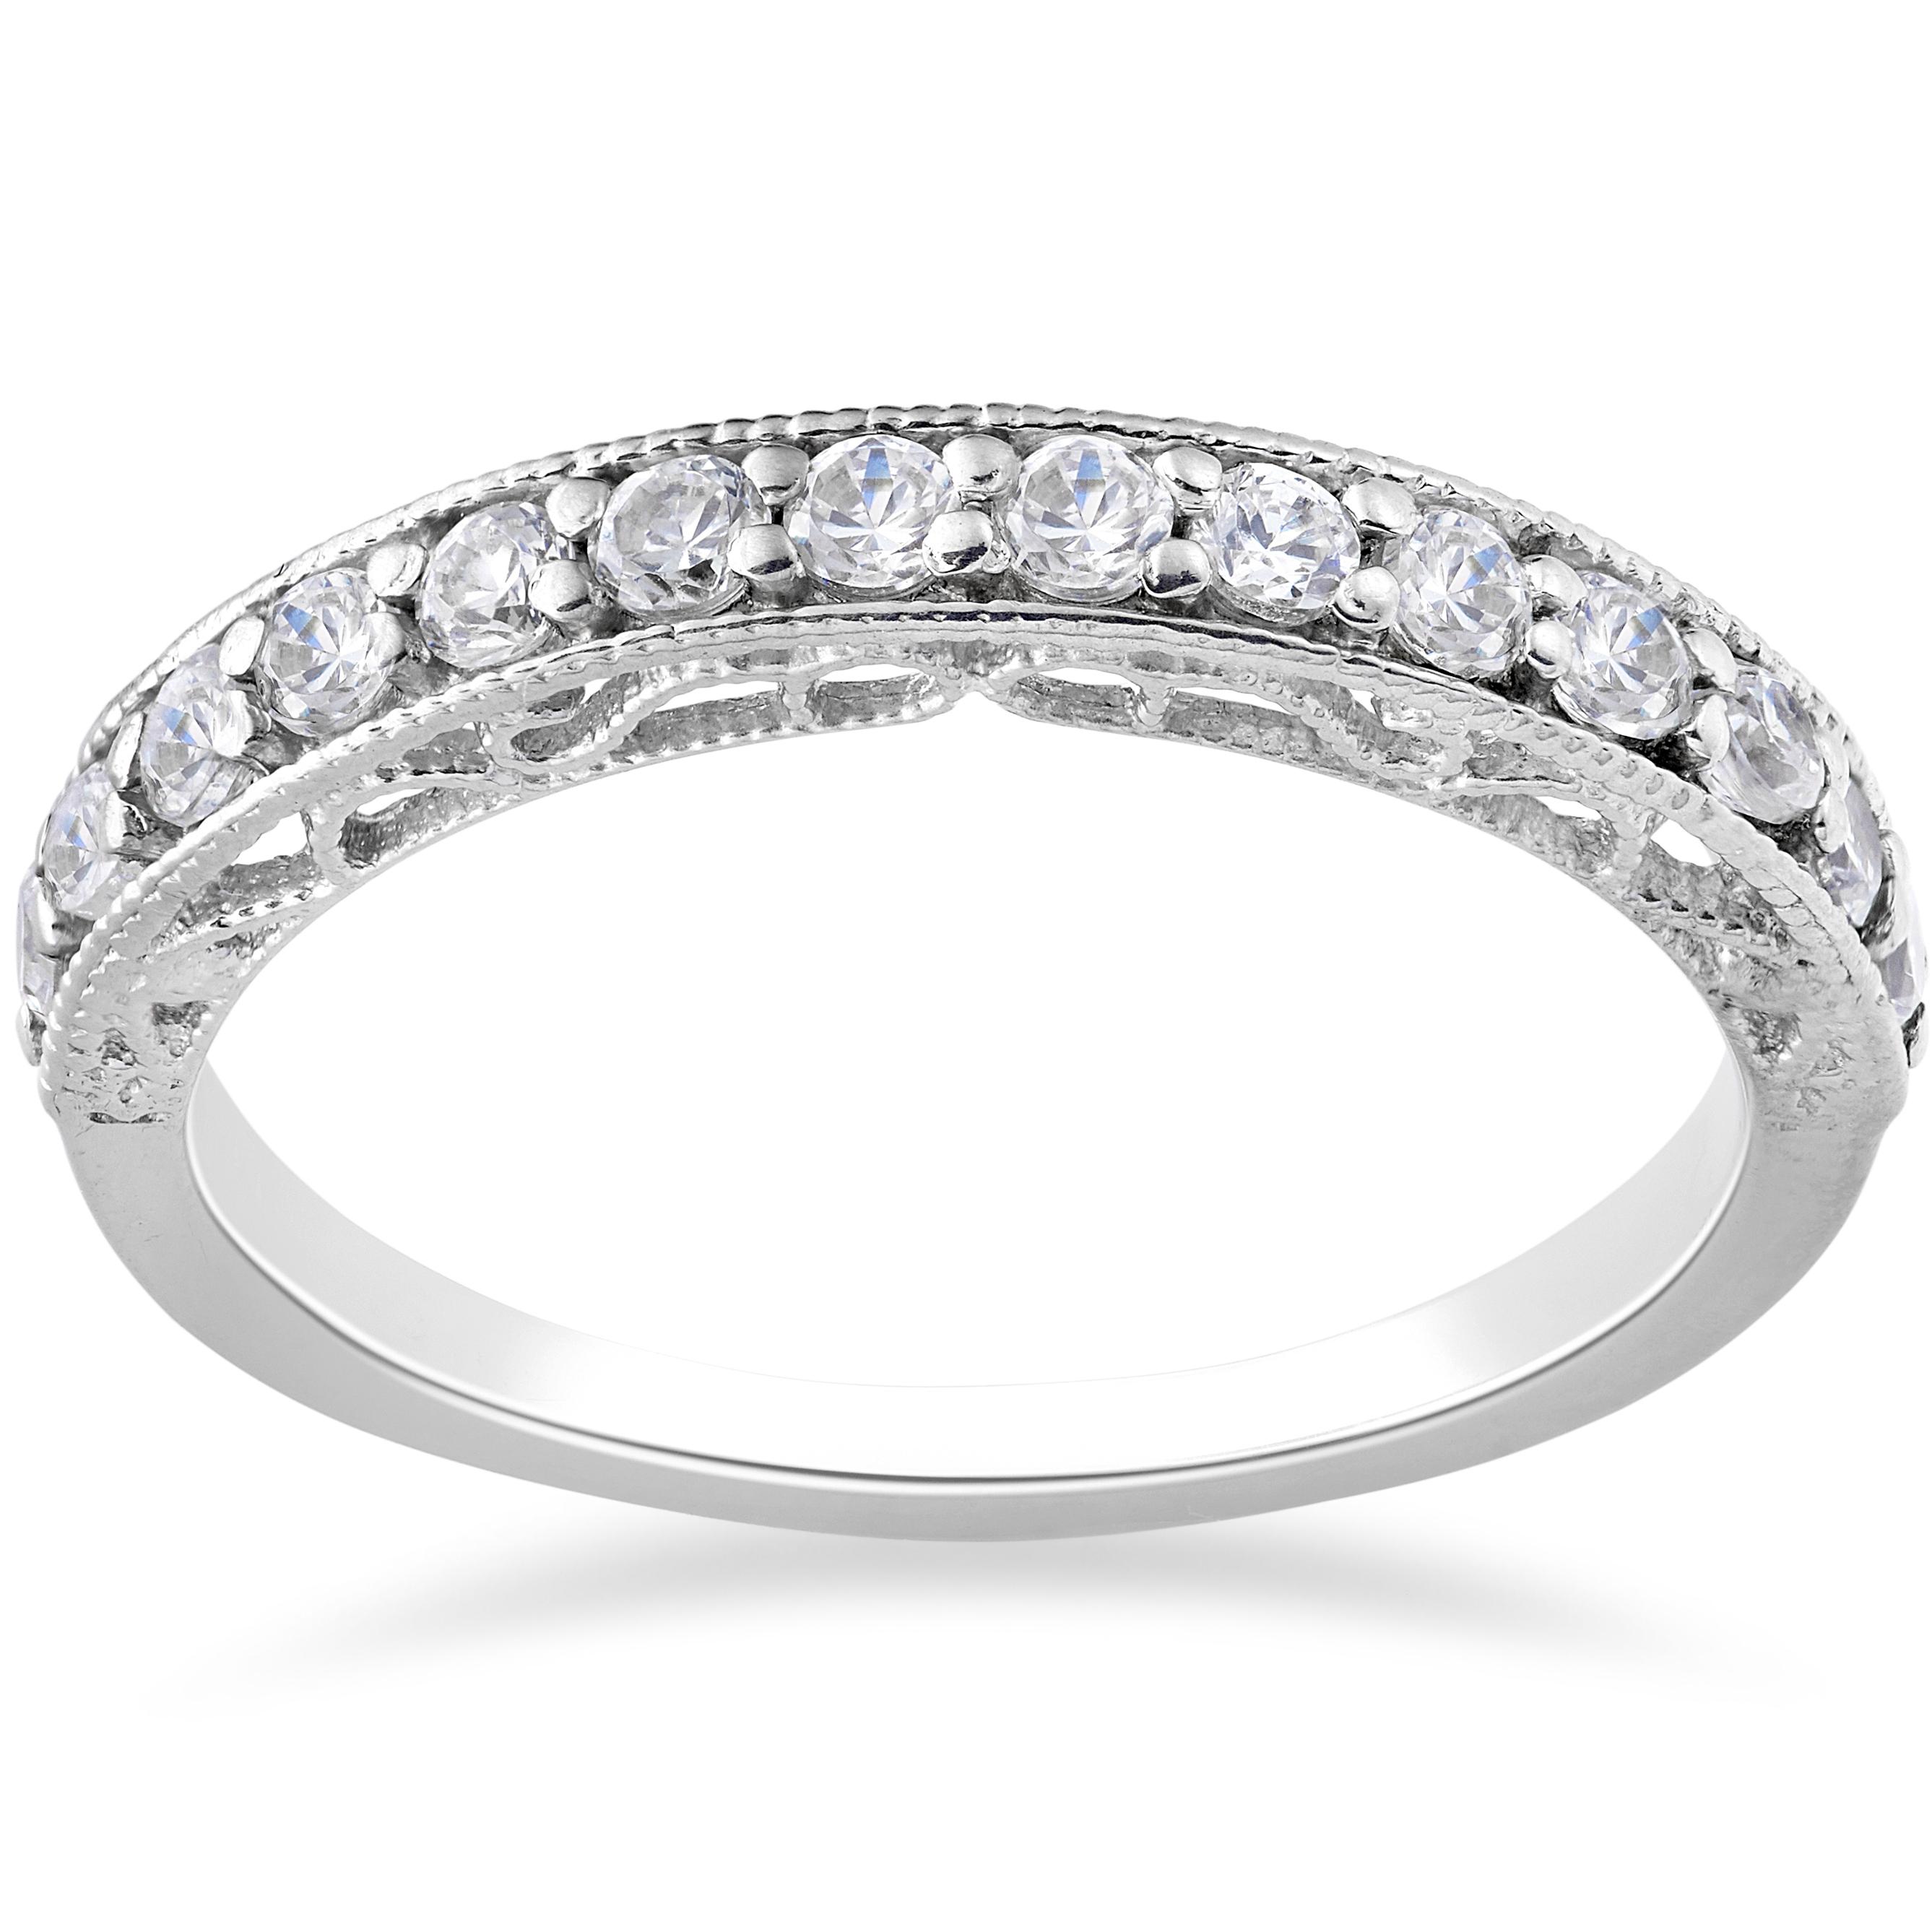 Vintage Wedding Ring: 1/2ct Vintage Diamond Wedding Ring 14K White Gold